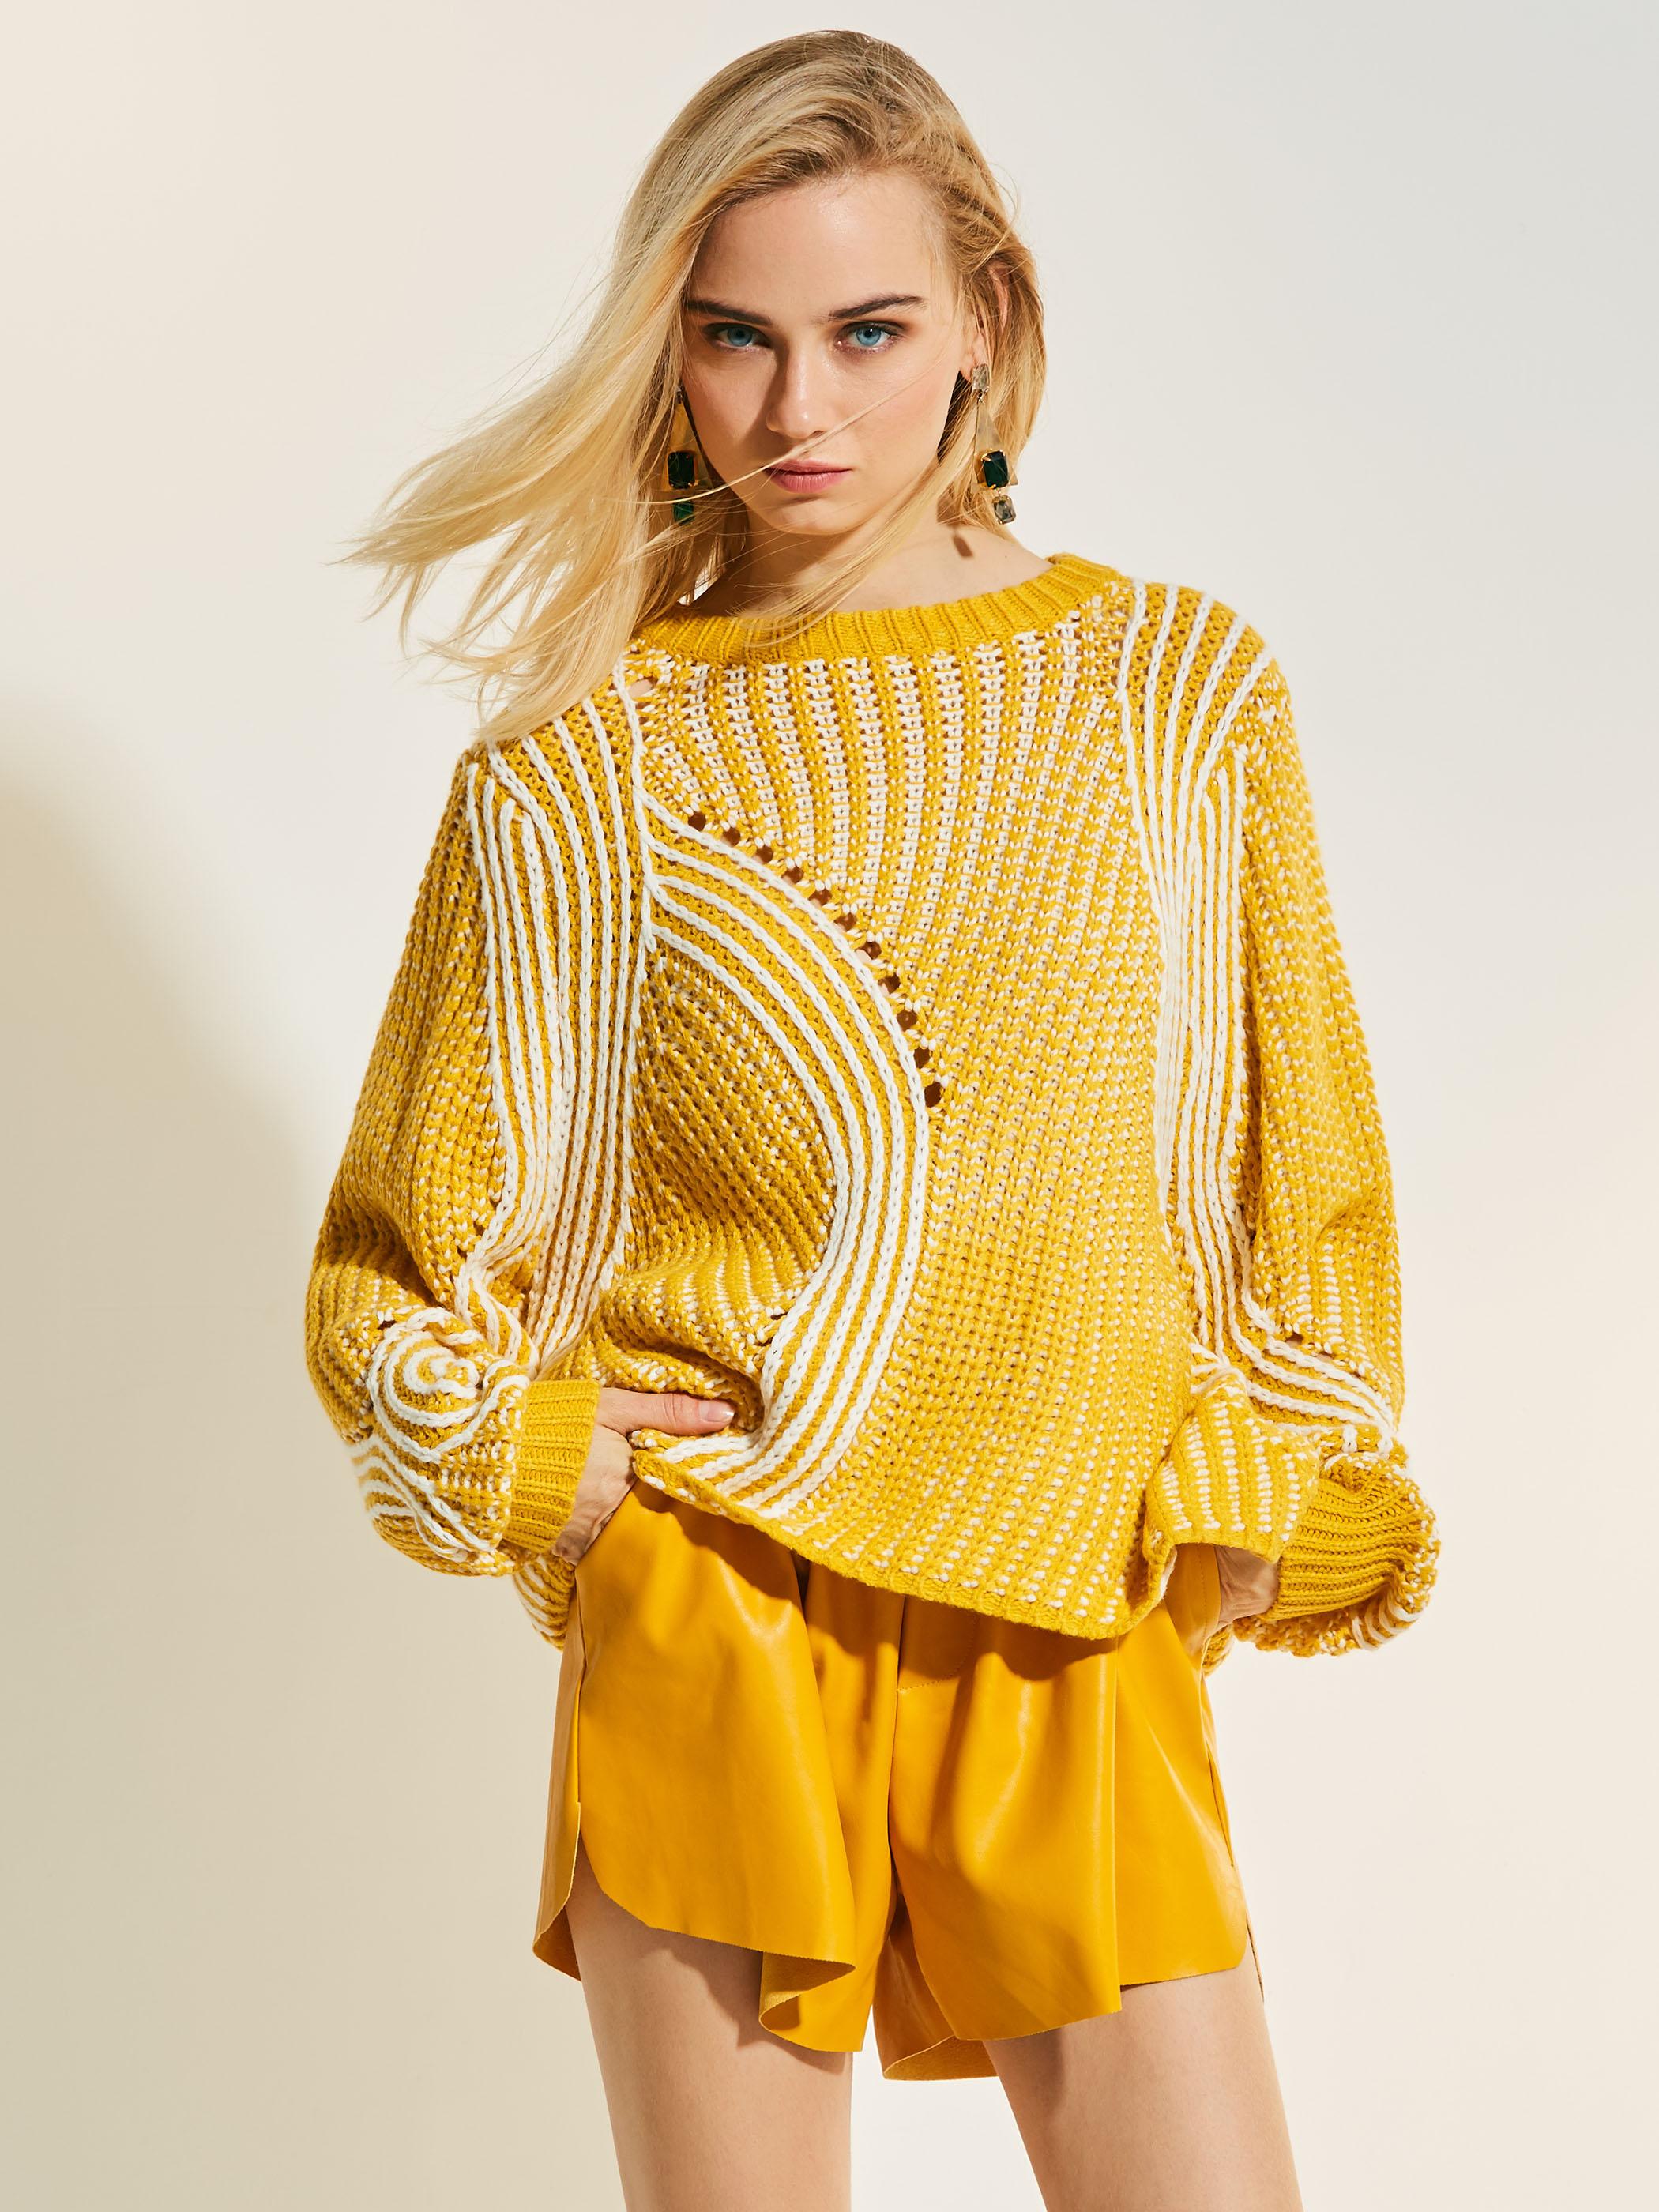 Berongga longgar pullover perempuan S sweater (Kuning)